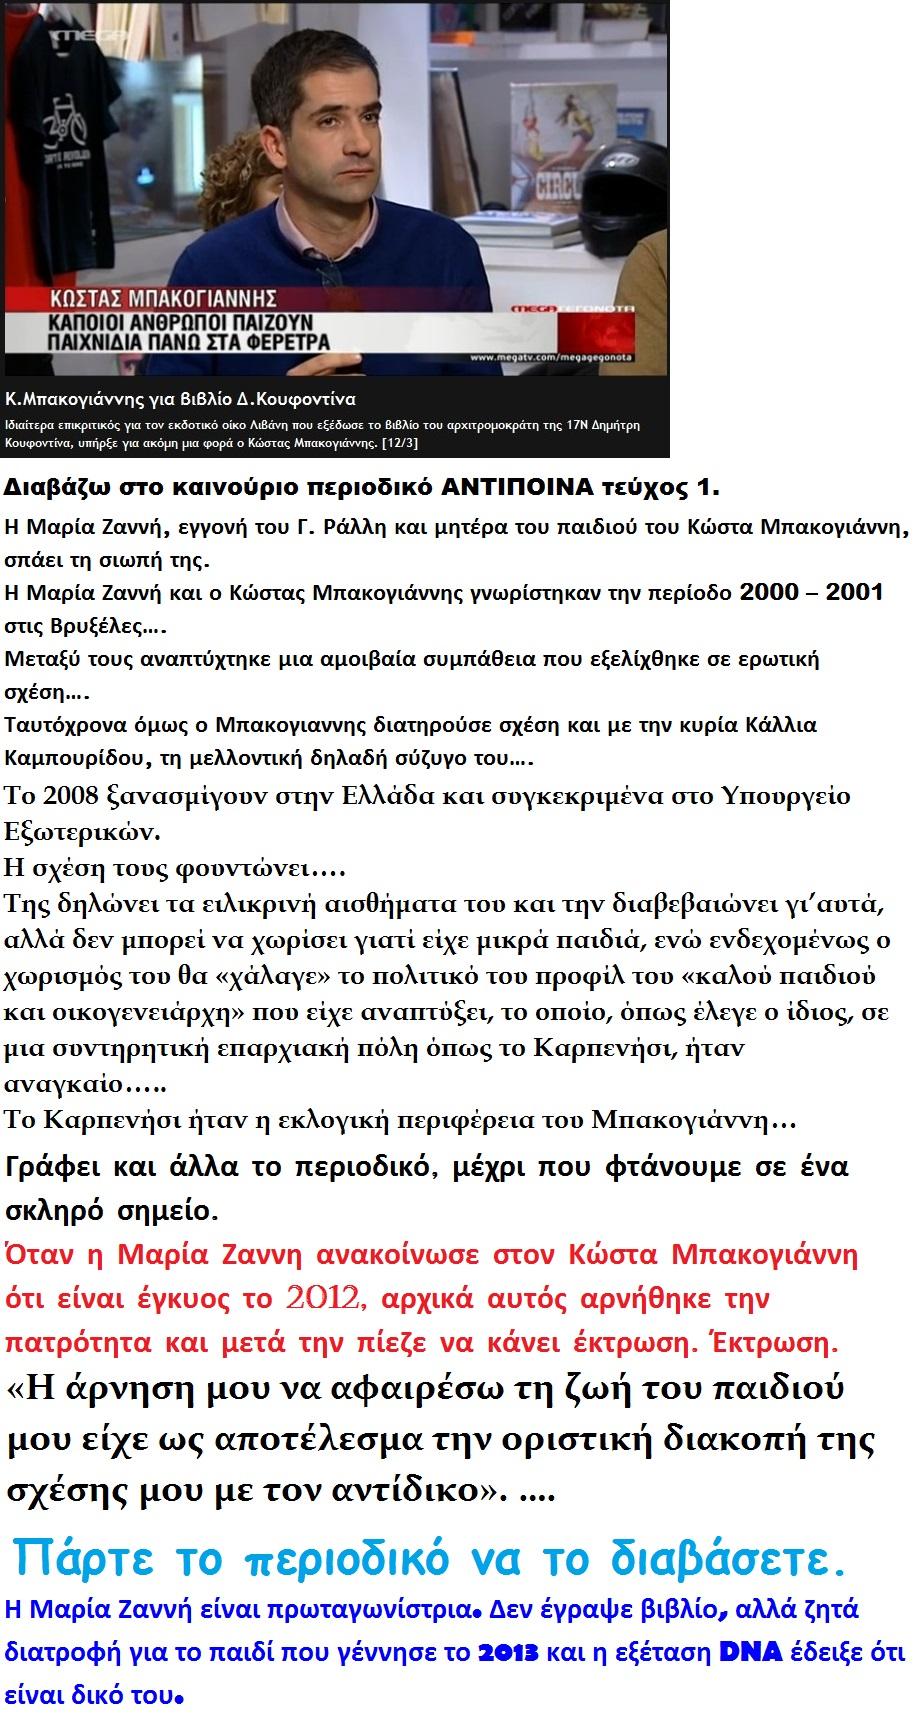 ELLADA TEROR MPAKOGIANNHS GIA BIBLIO KOUFONTINA - EKTROSH 02 180314